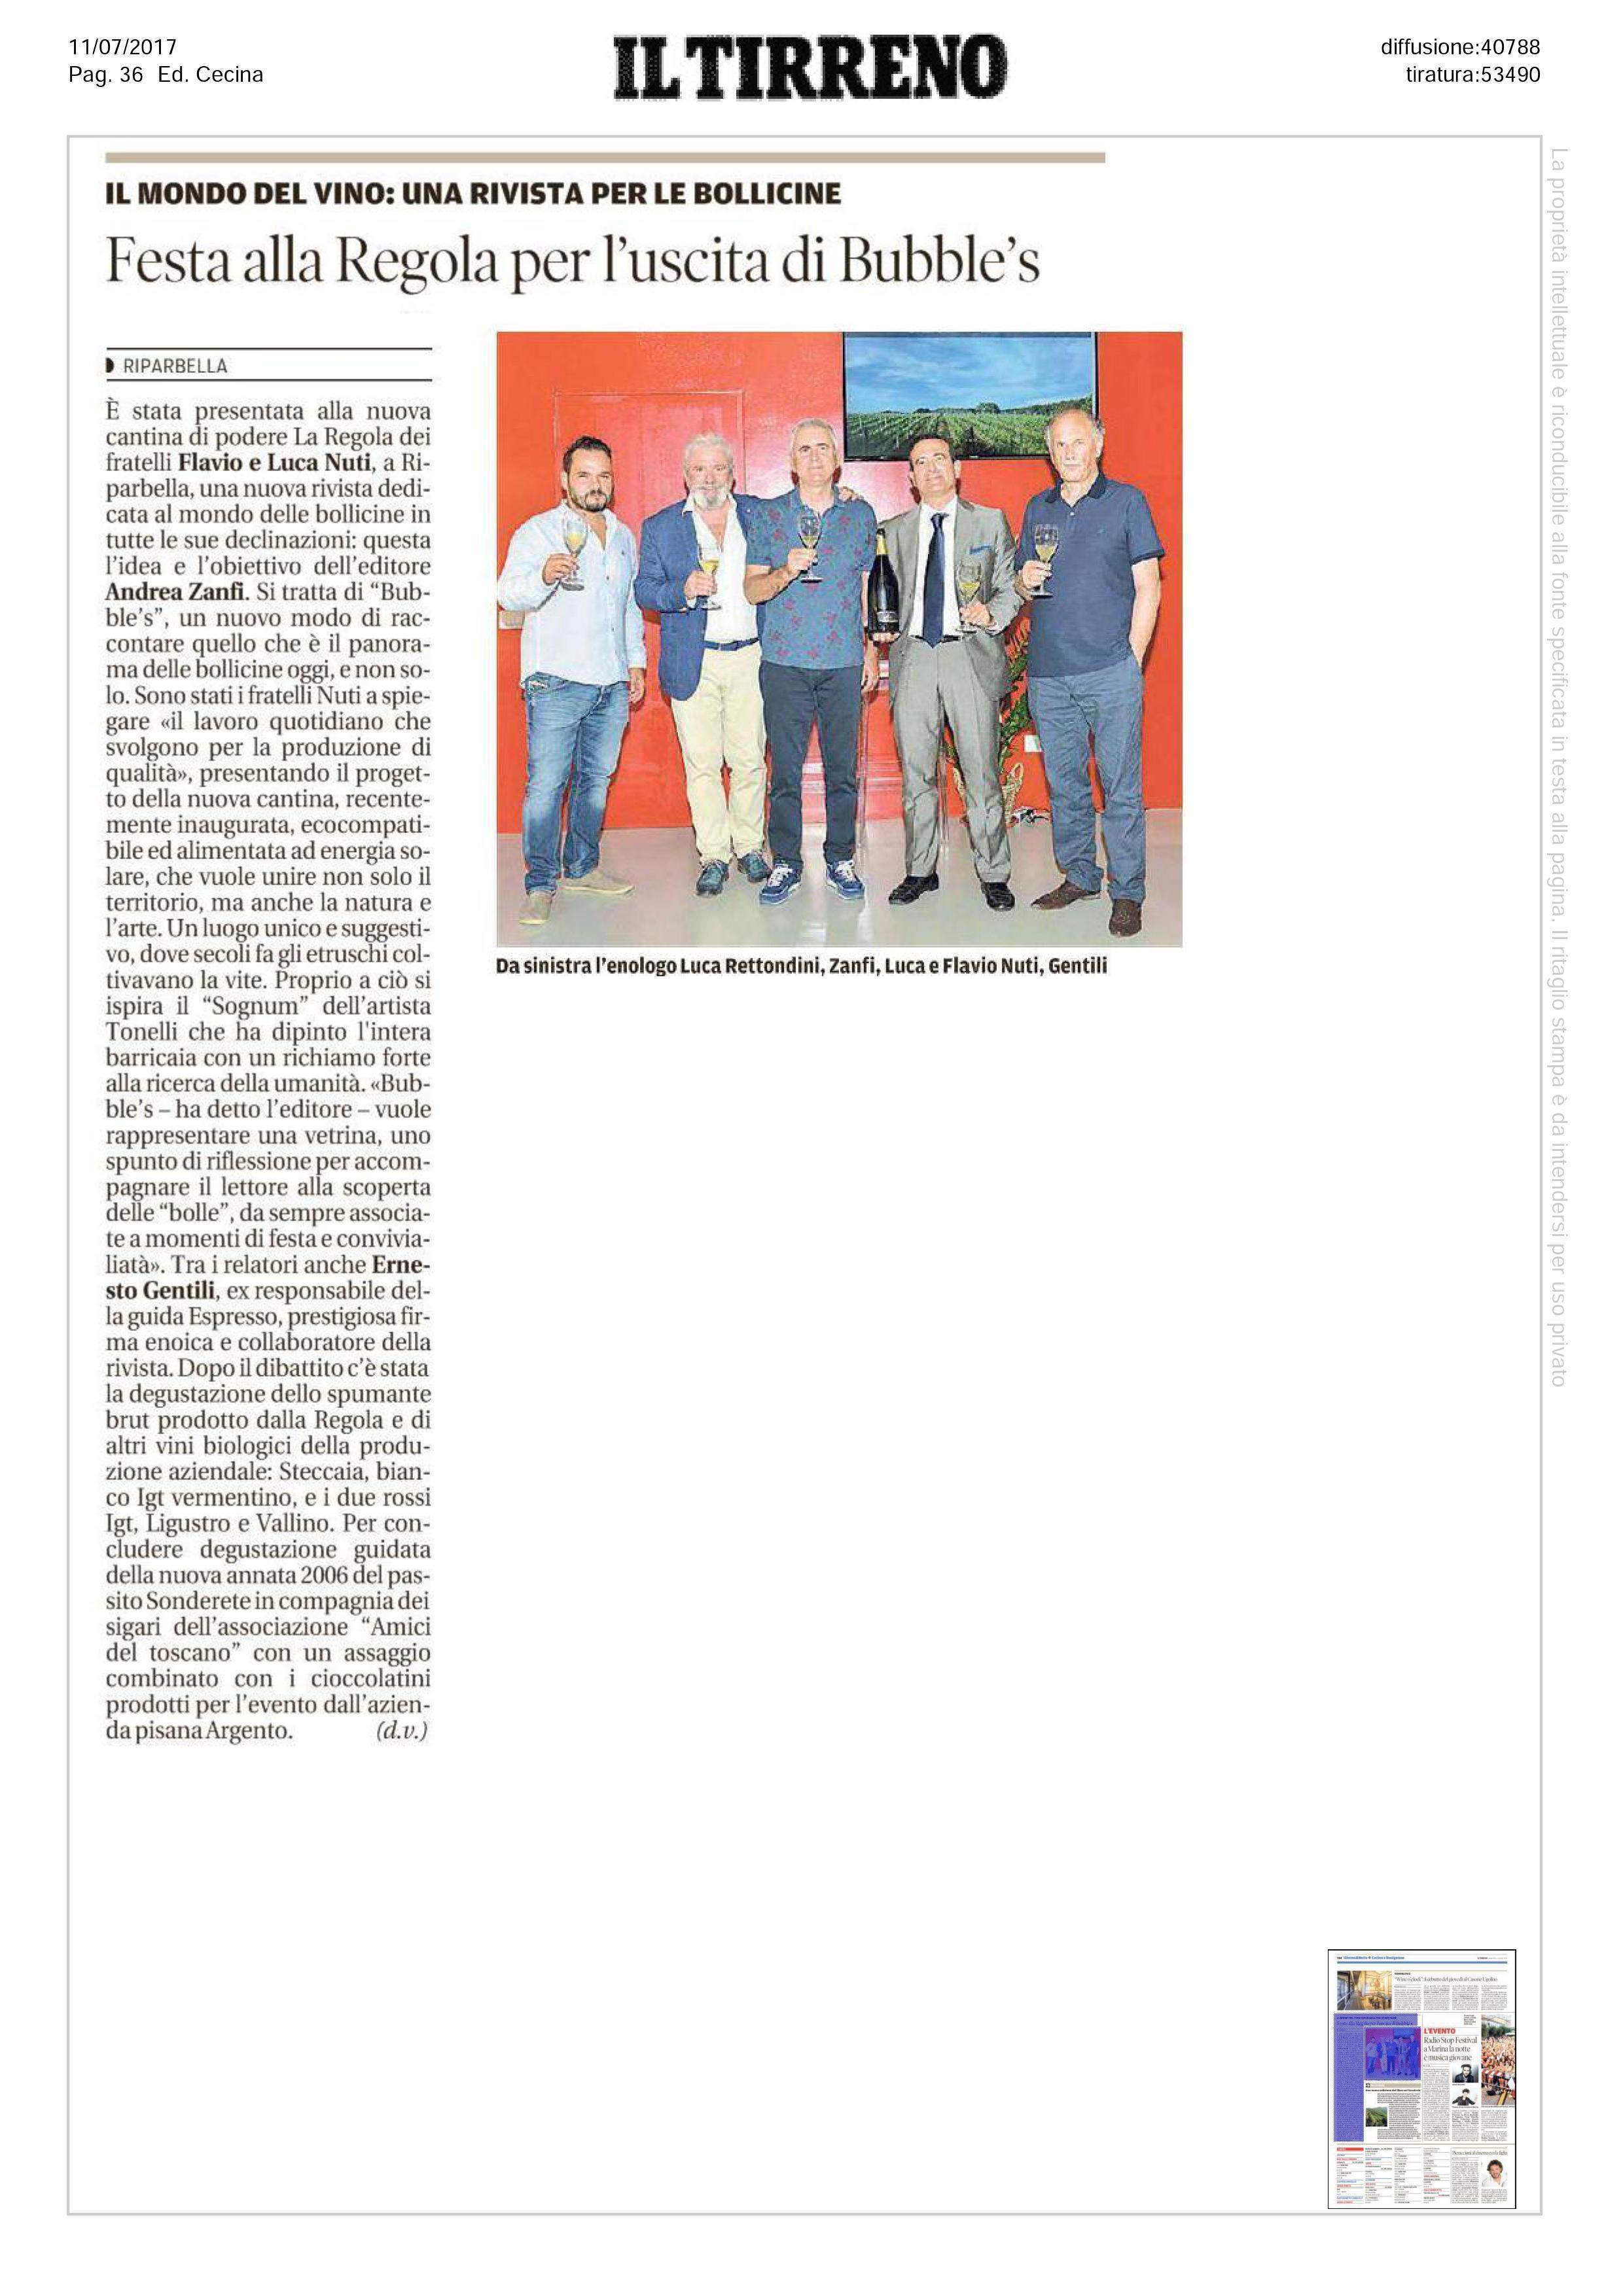 Aticolo de 'Il Tirreno' sulla presentazione di Bubbles Italia presso la cantina della Regola